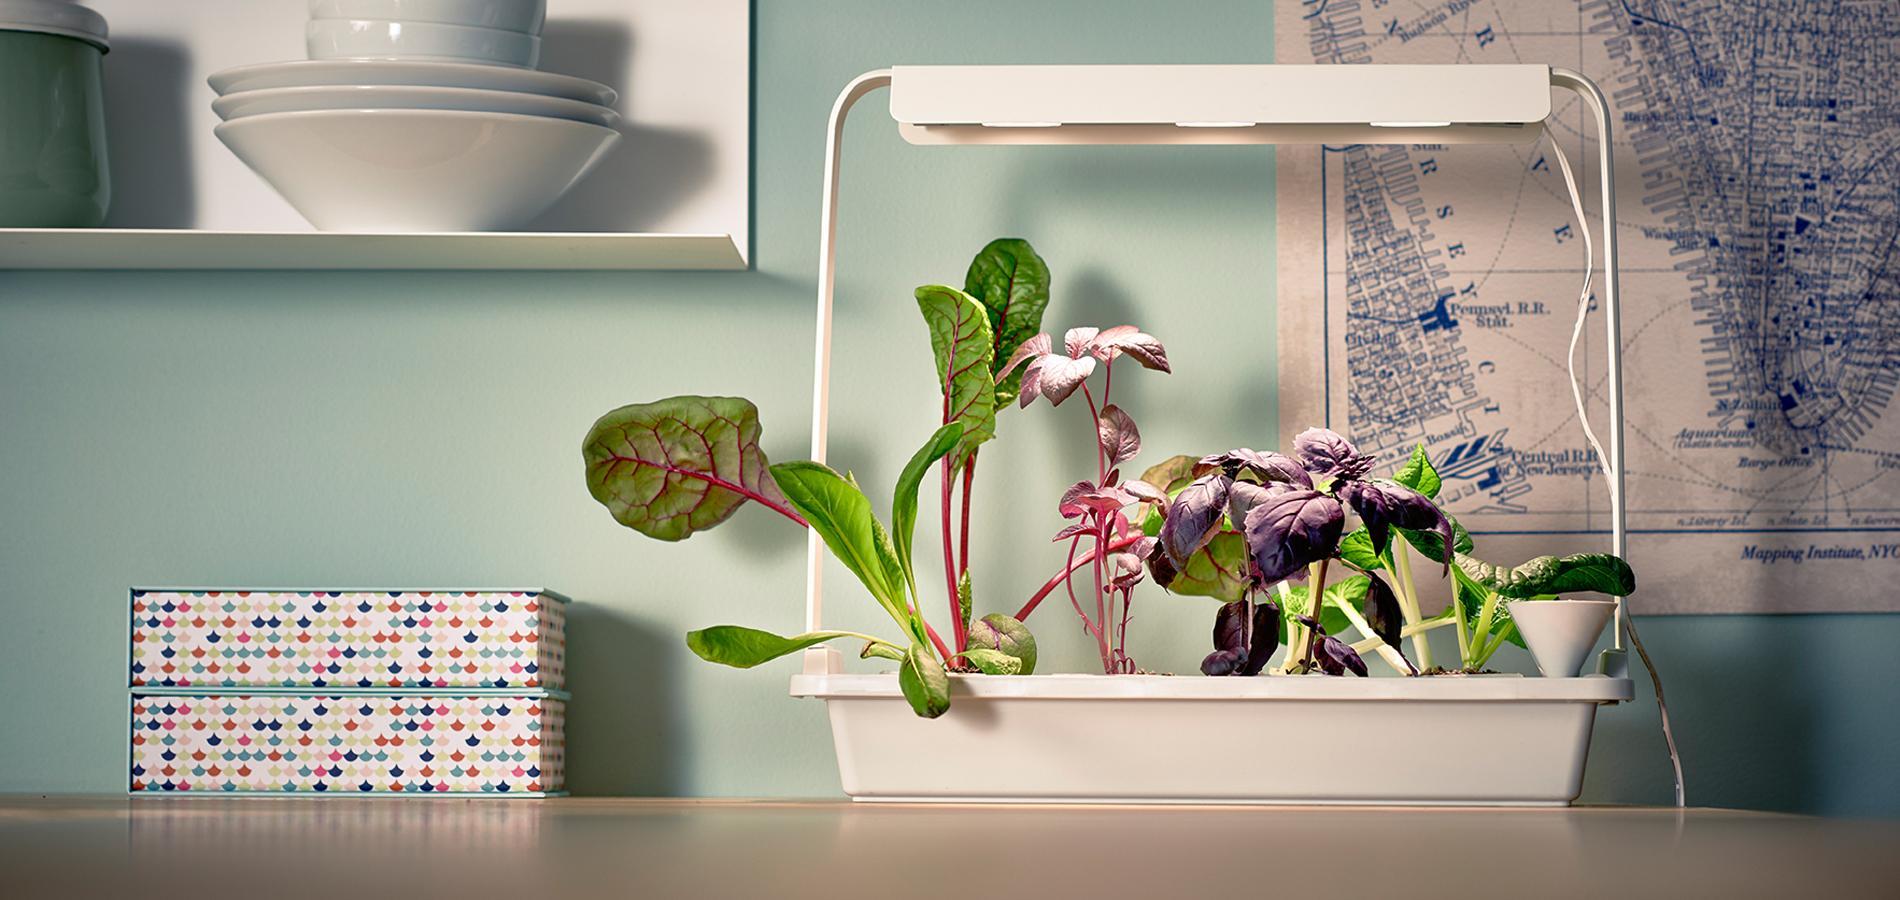 cr er un potager dans sa cuisine le nouveau plaisir en. Black Bedroom Furniture Sets. Home Design Ideas